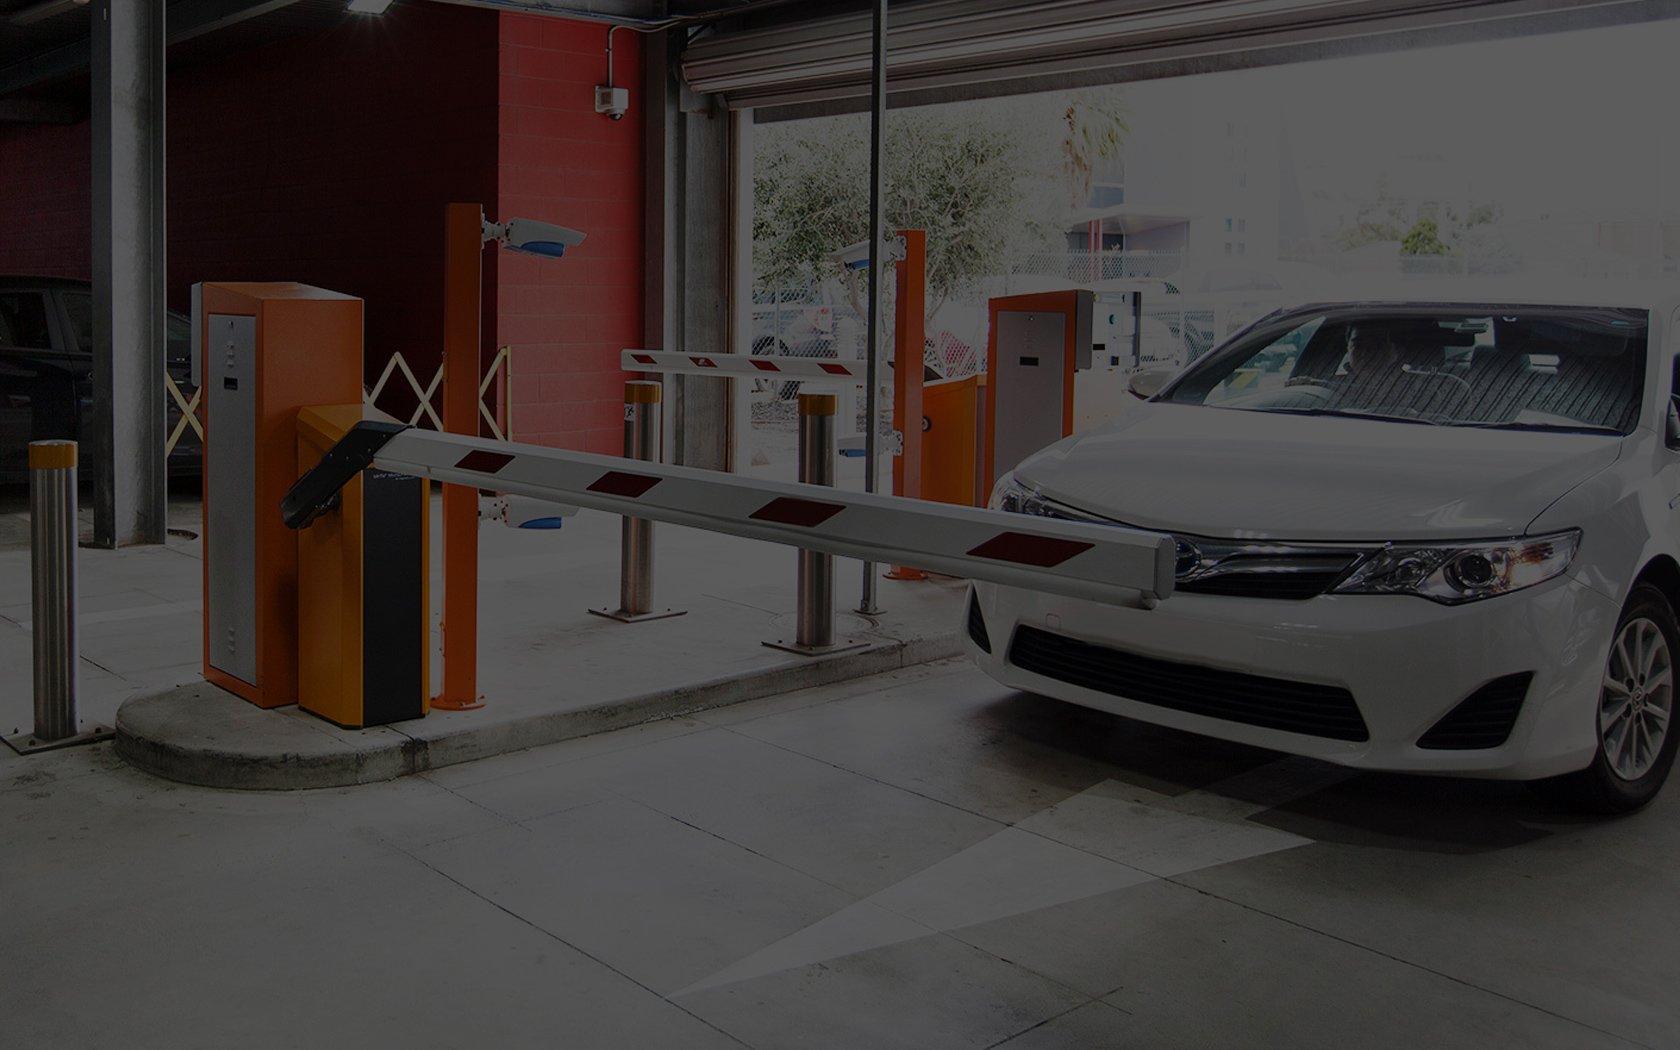 Giem Güvenlik Plaka Tanıma ve Otopark Sistemleri